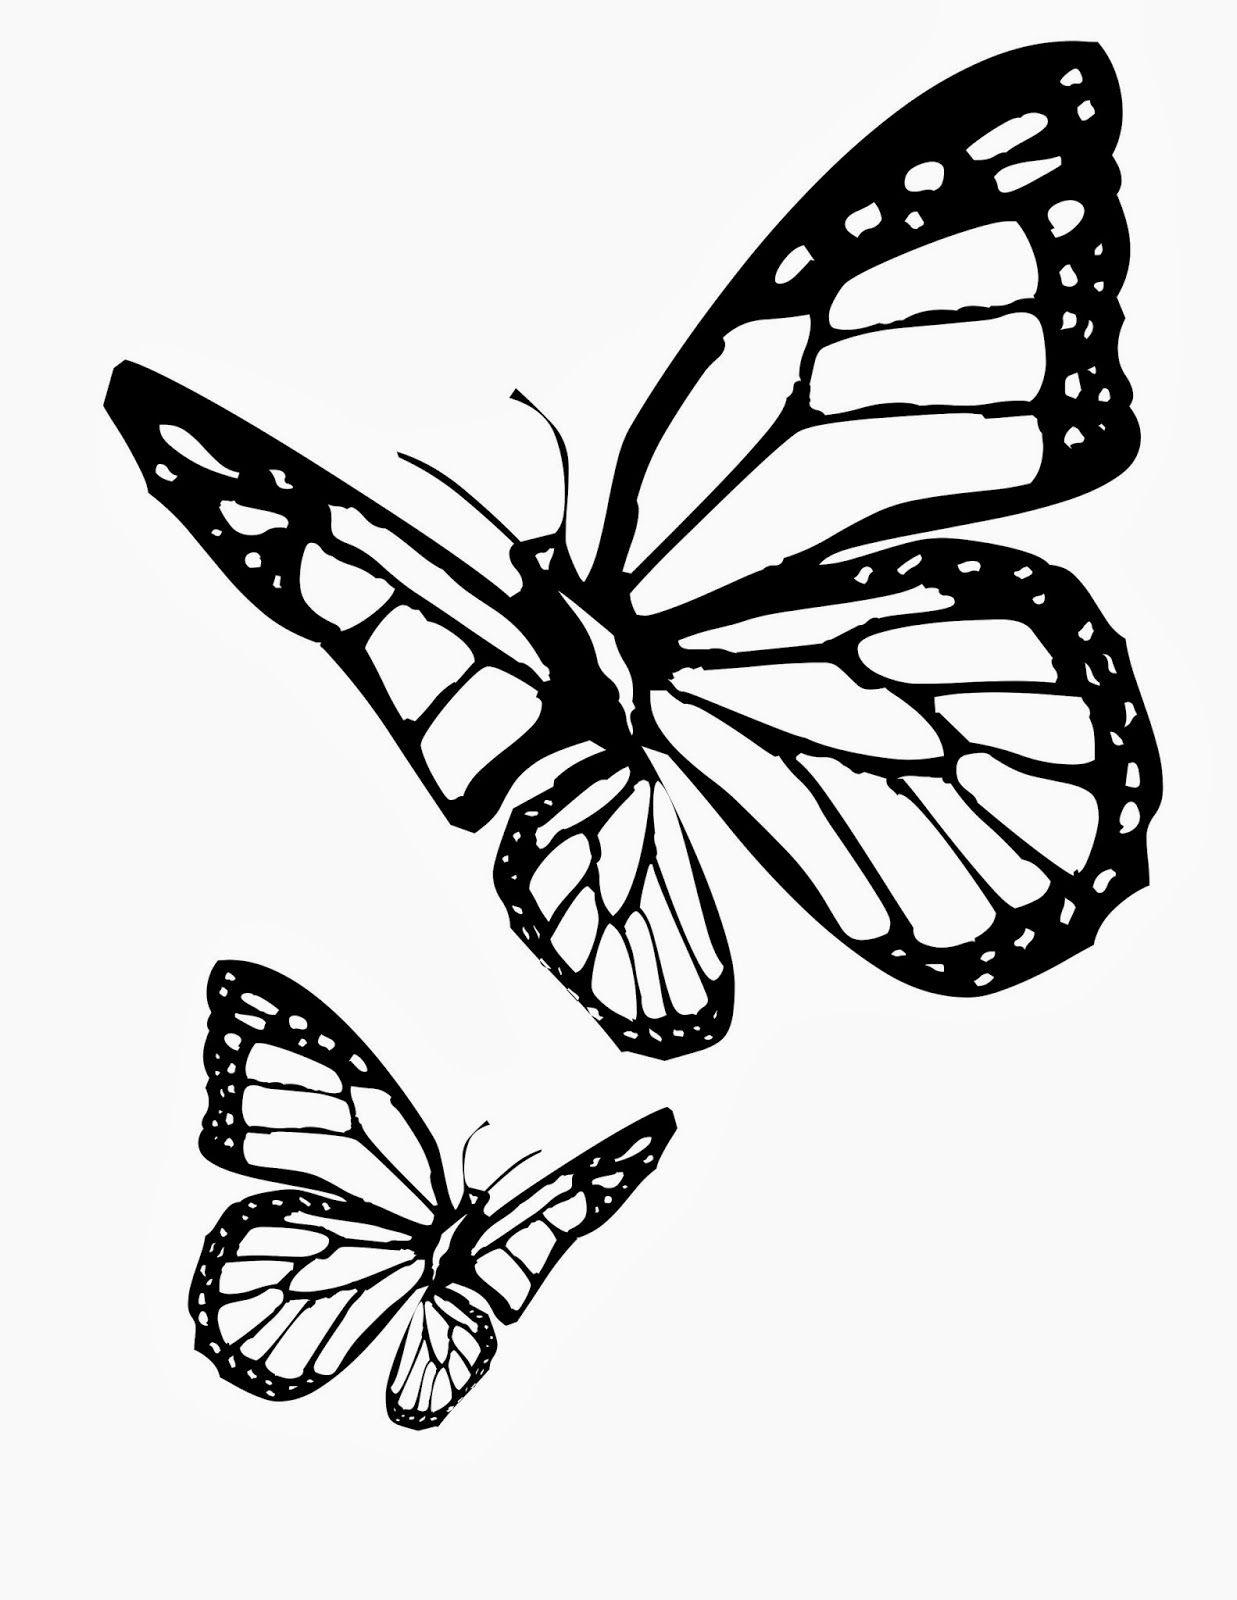 Butterfly Tattoo Stencils Butterfly Tattoo Stencil Butterfly